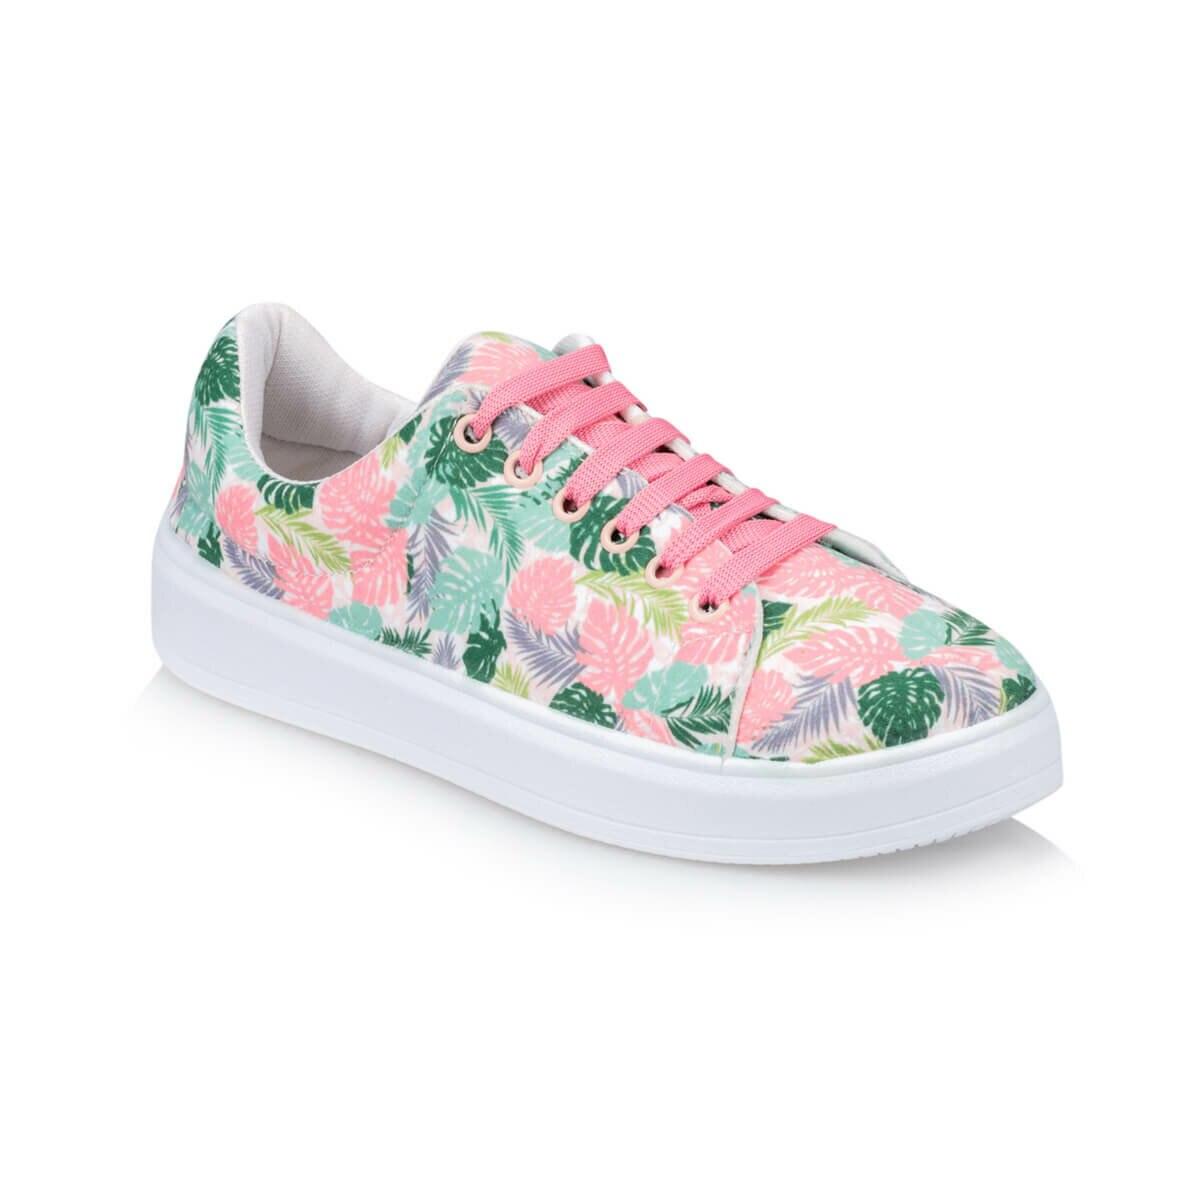 FLO 91. 313415.Z Pink Women 'S Sneaker Shoes Polaris